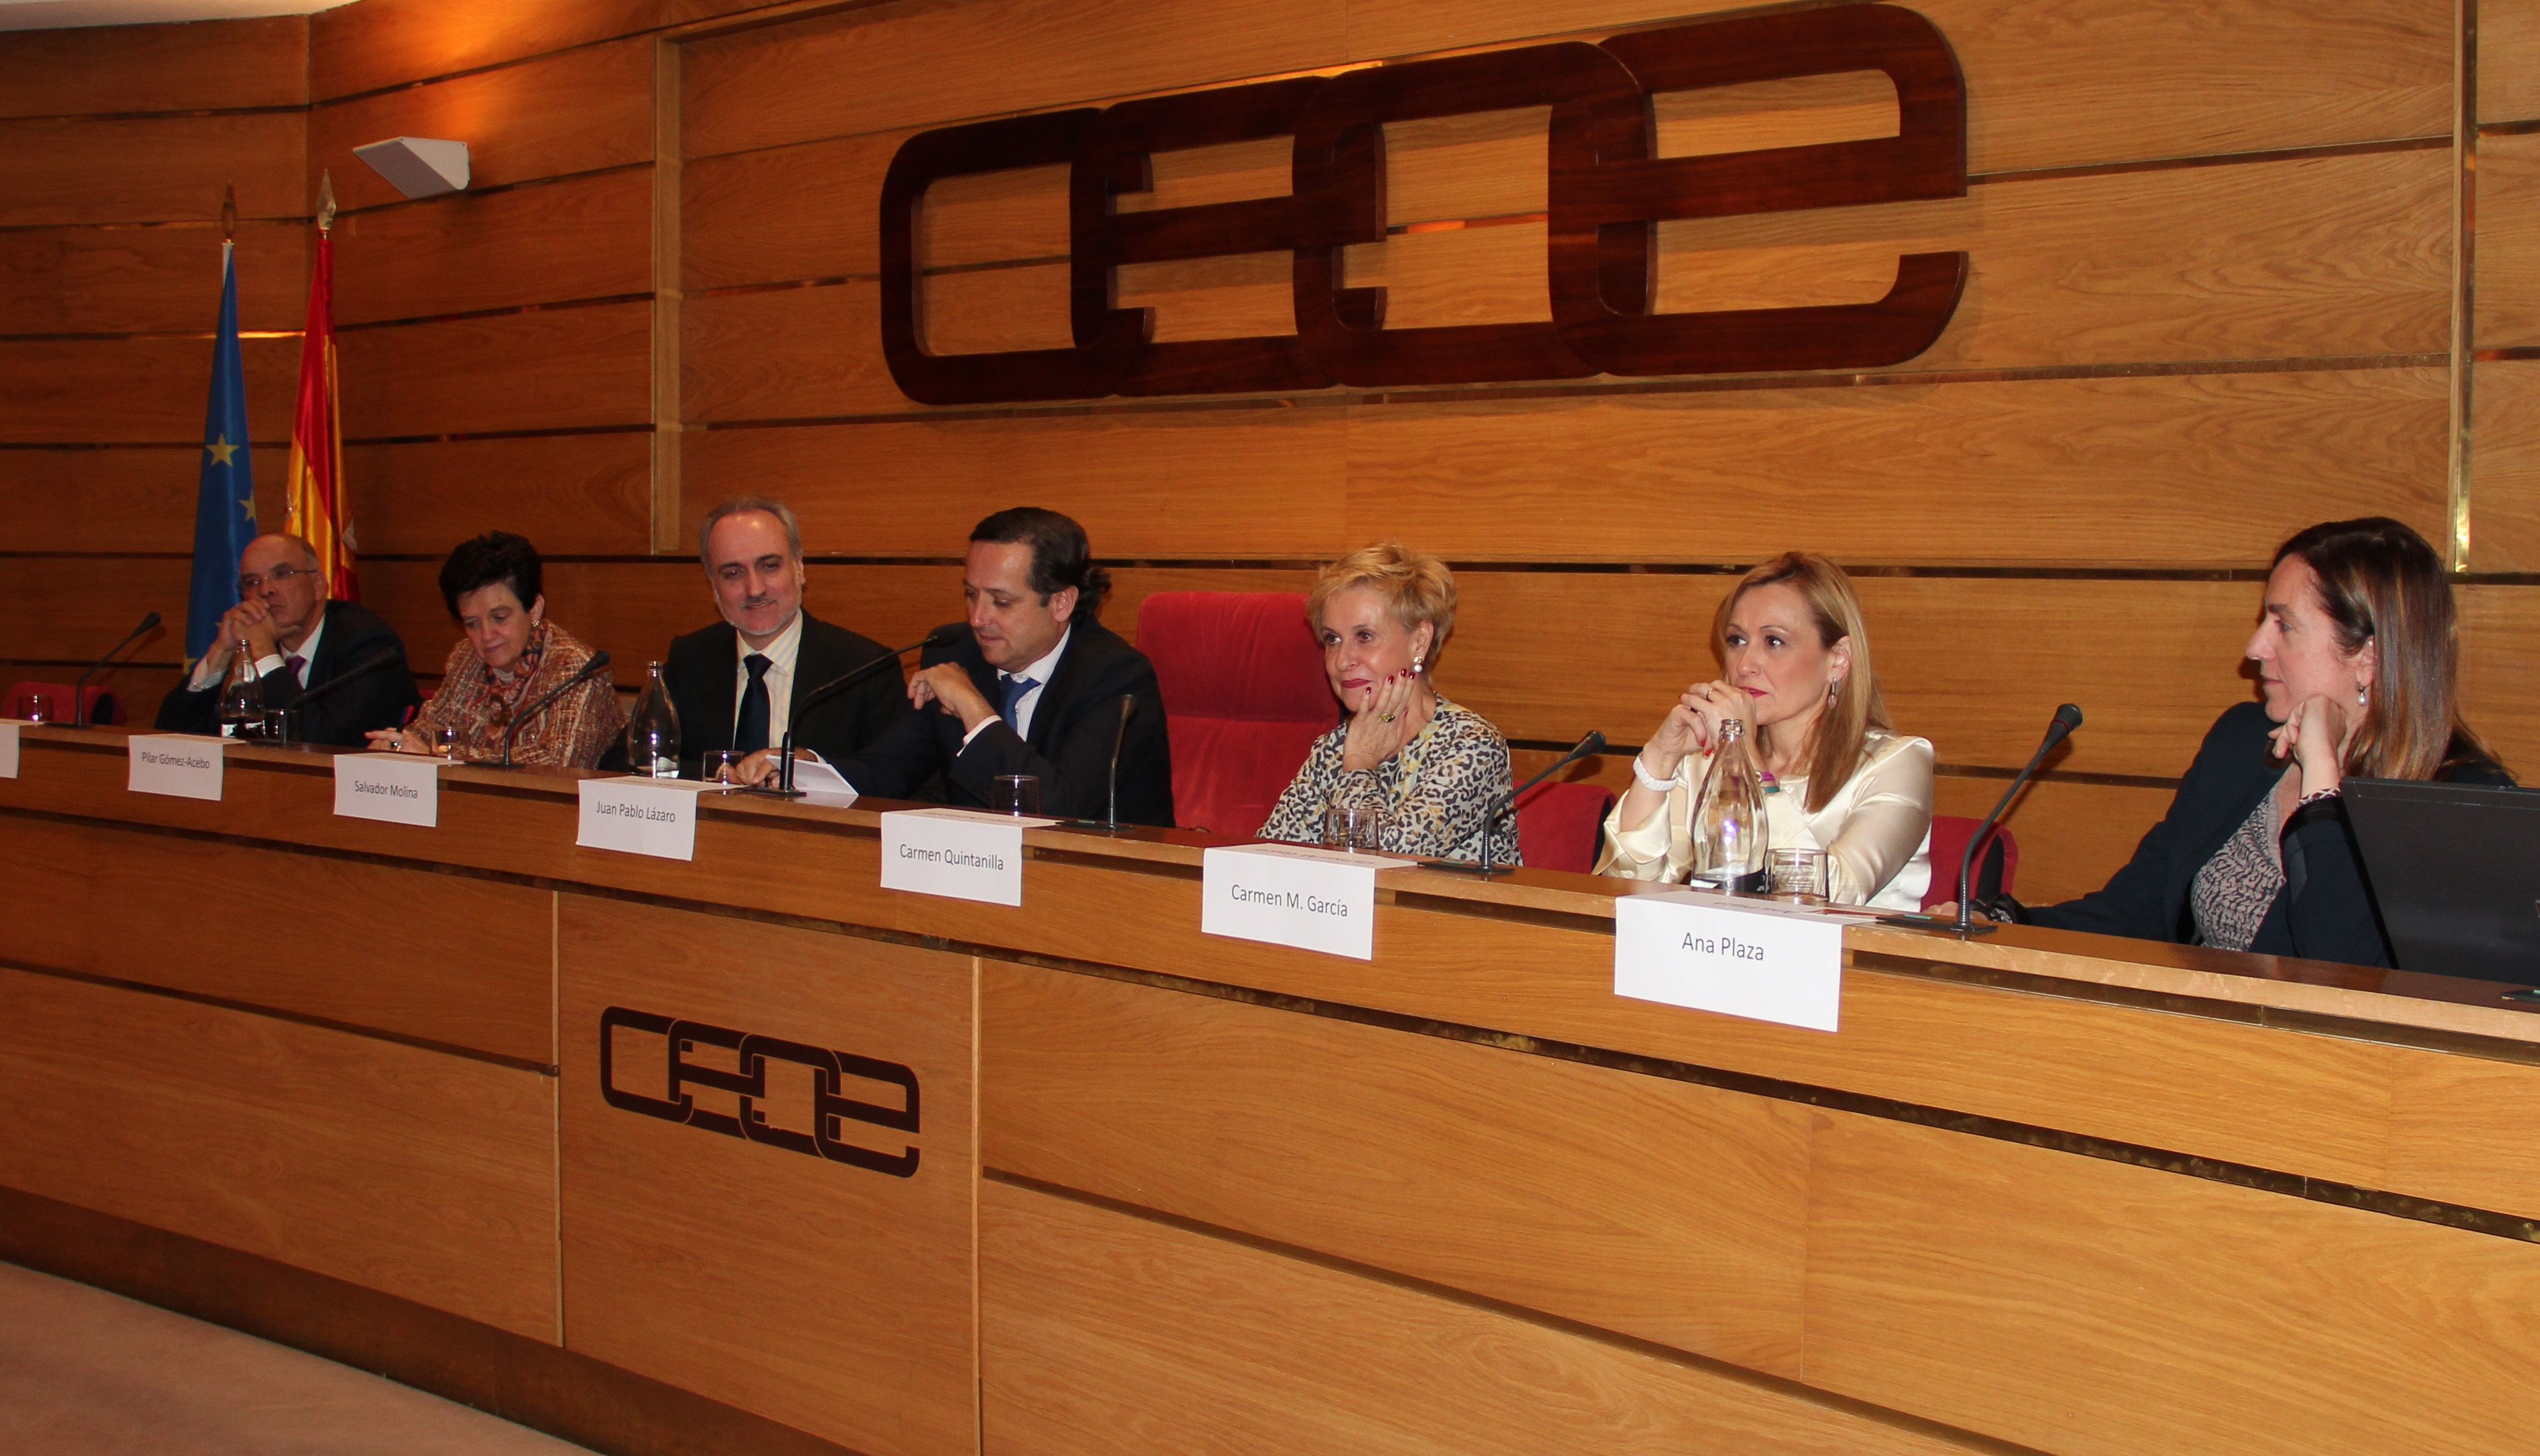 Manuel Gago, Pilar Gómez Acebo, Salvador Molina, Juan Pablo Lázaro, Carmen Quintanilla, Carmen M. García y Ana Plaza, durante la reunión del Grupo de trabajo el pasado 4 de febrero, en la sede de CEOE.